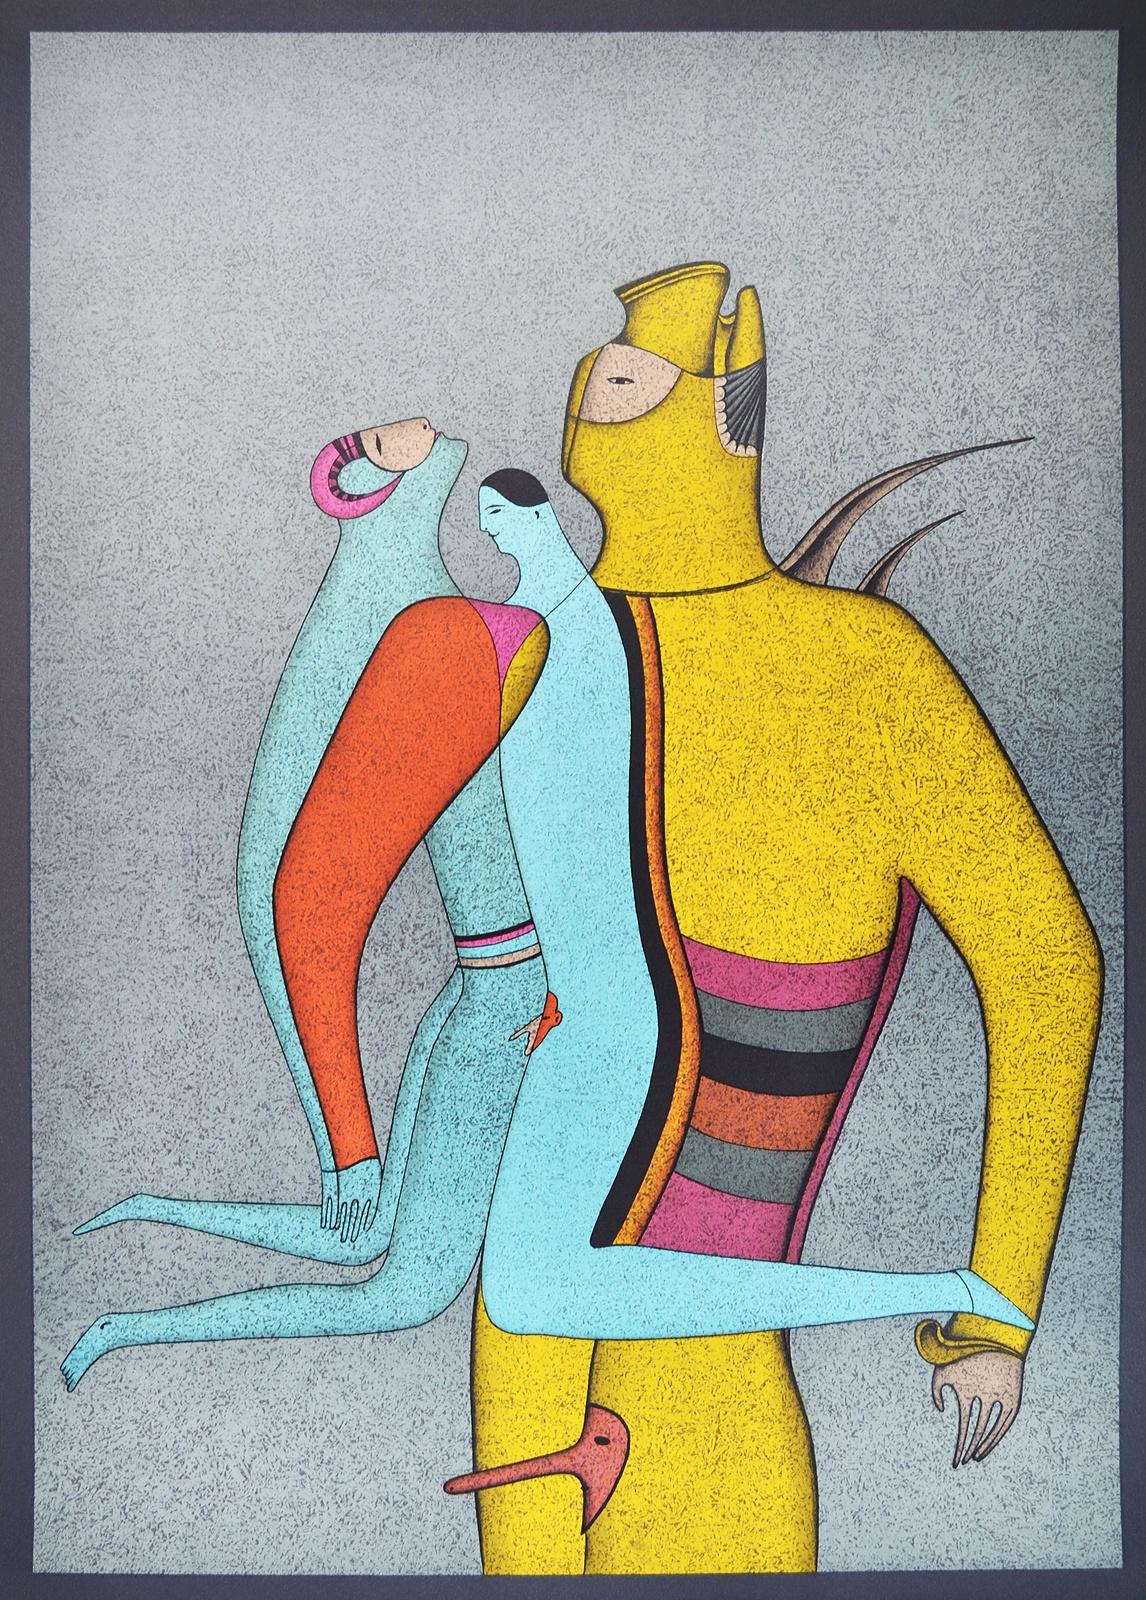 Гравюра Михаил Шемякин Любовь / Туз Пик. Михаил Шемякин. Литография, 1982 год